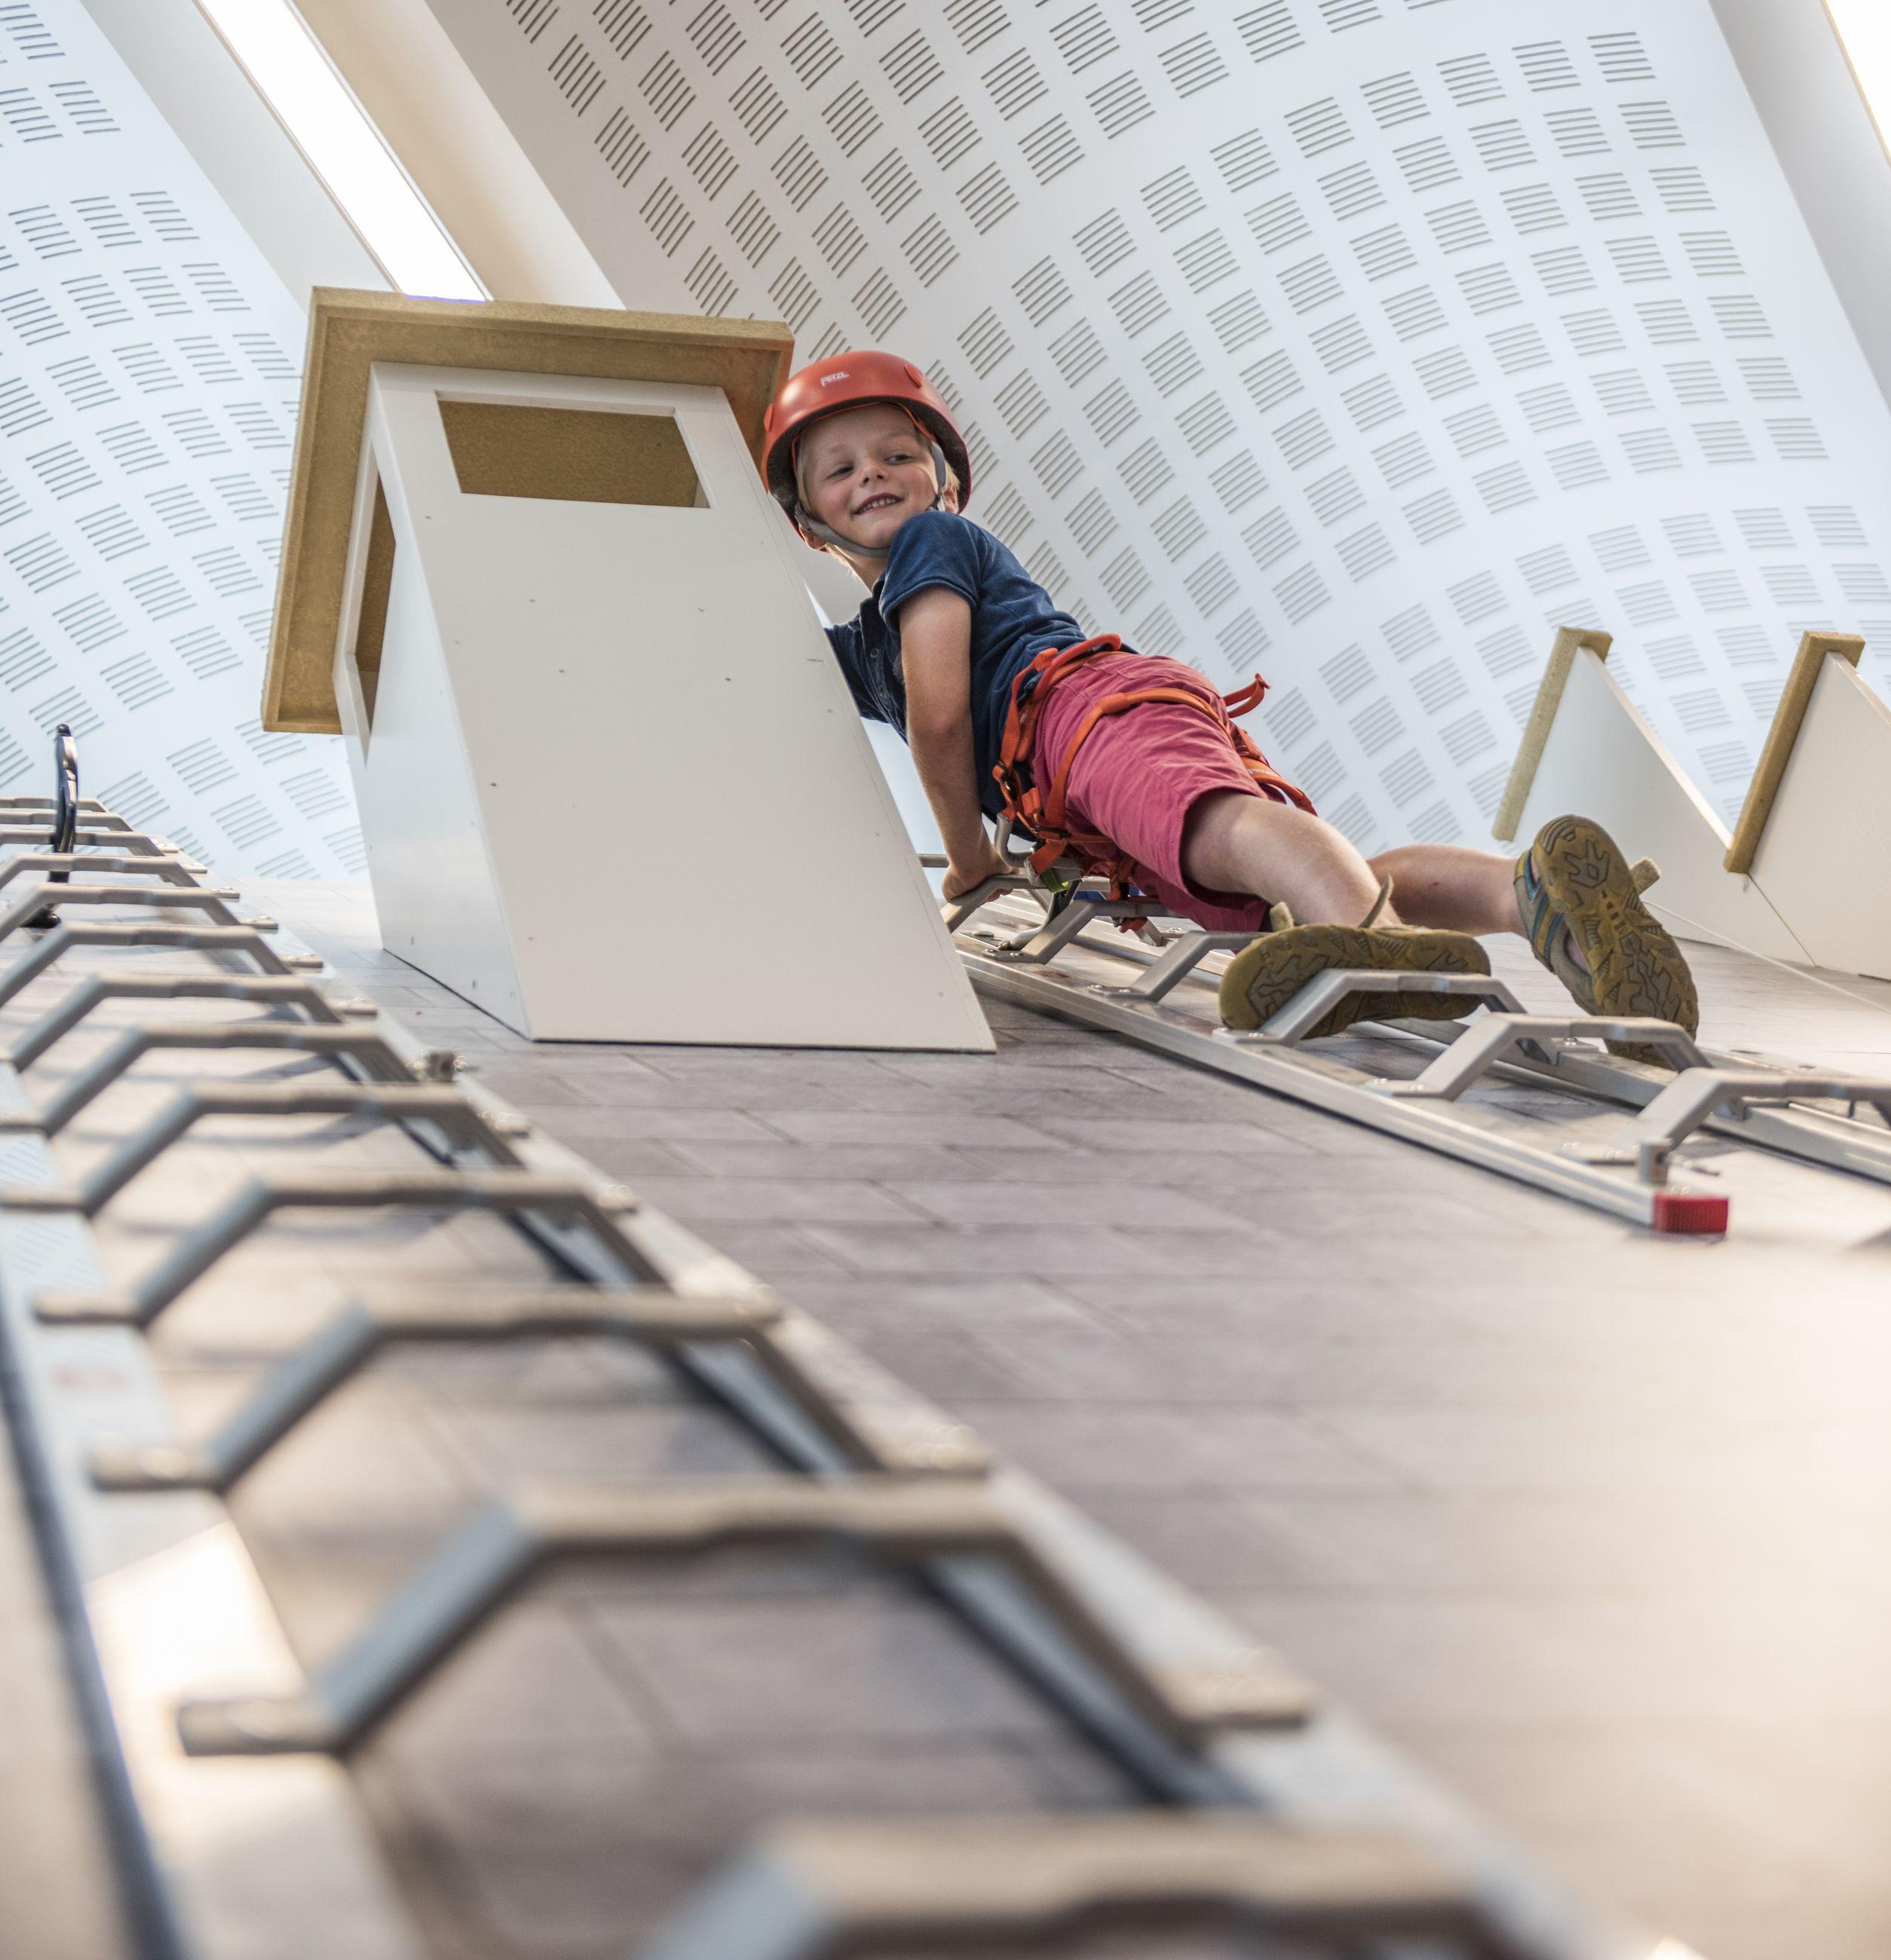 Een Museum Saai Voor Kinderen Neen In Deze Oost Vlaamse Musea Zit Je Goed Voor Kindvriendelijke Activiteiten En Exposities Op Maat Van G Museum Musea Eropuit